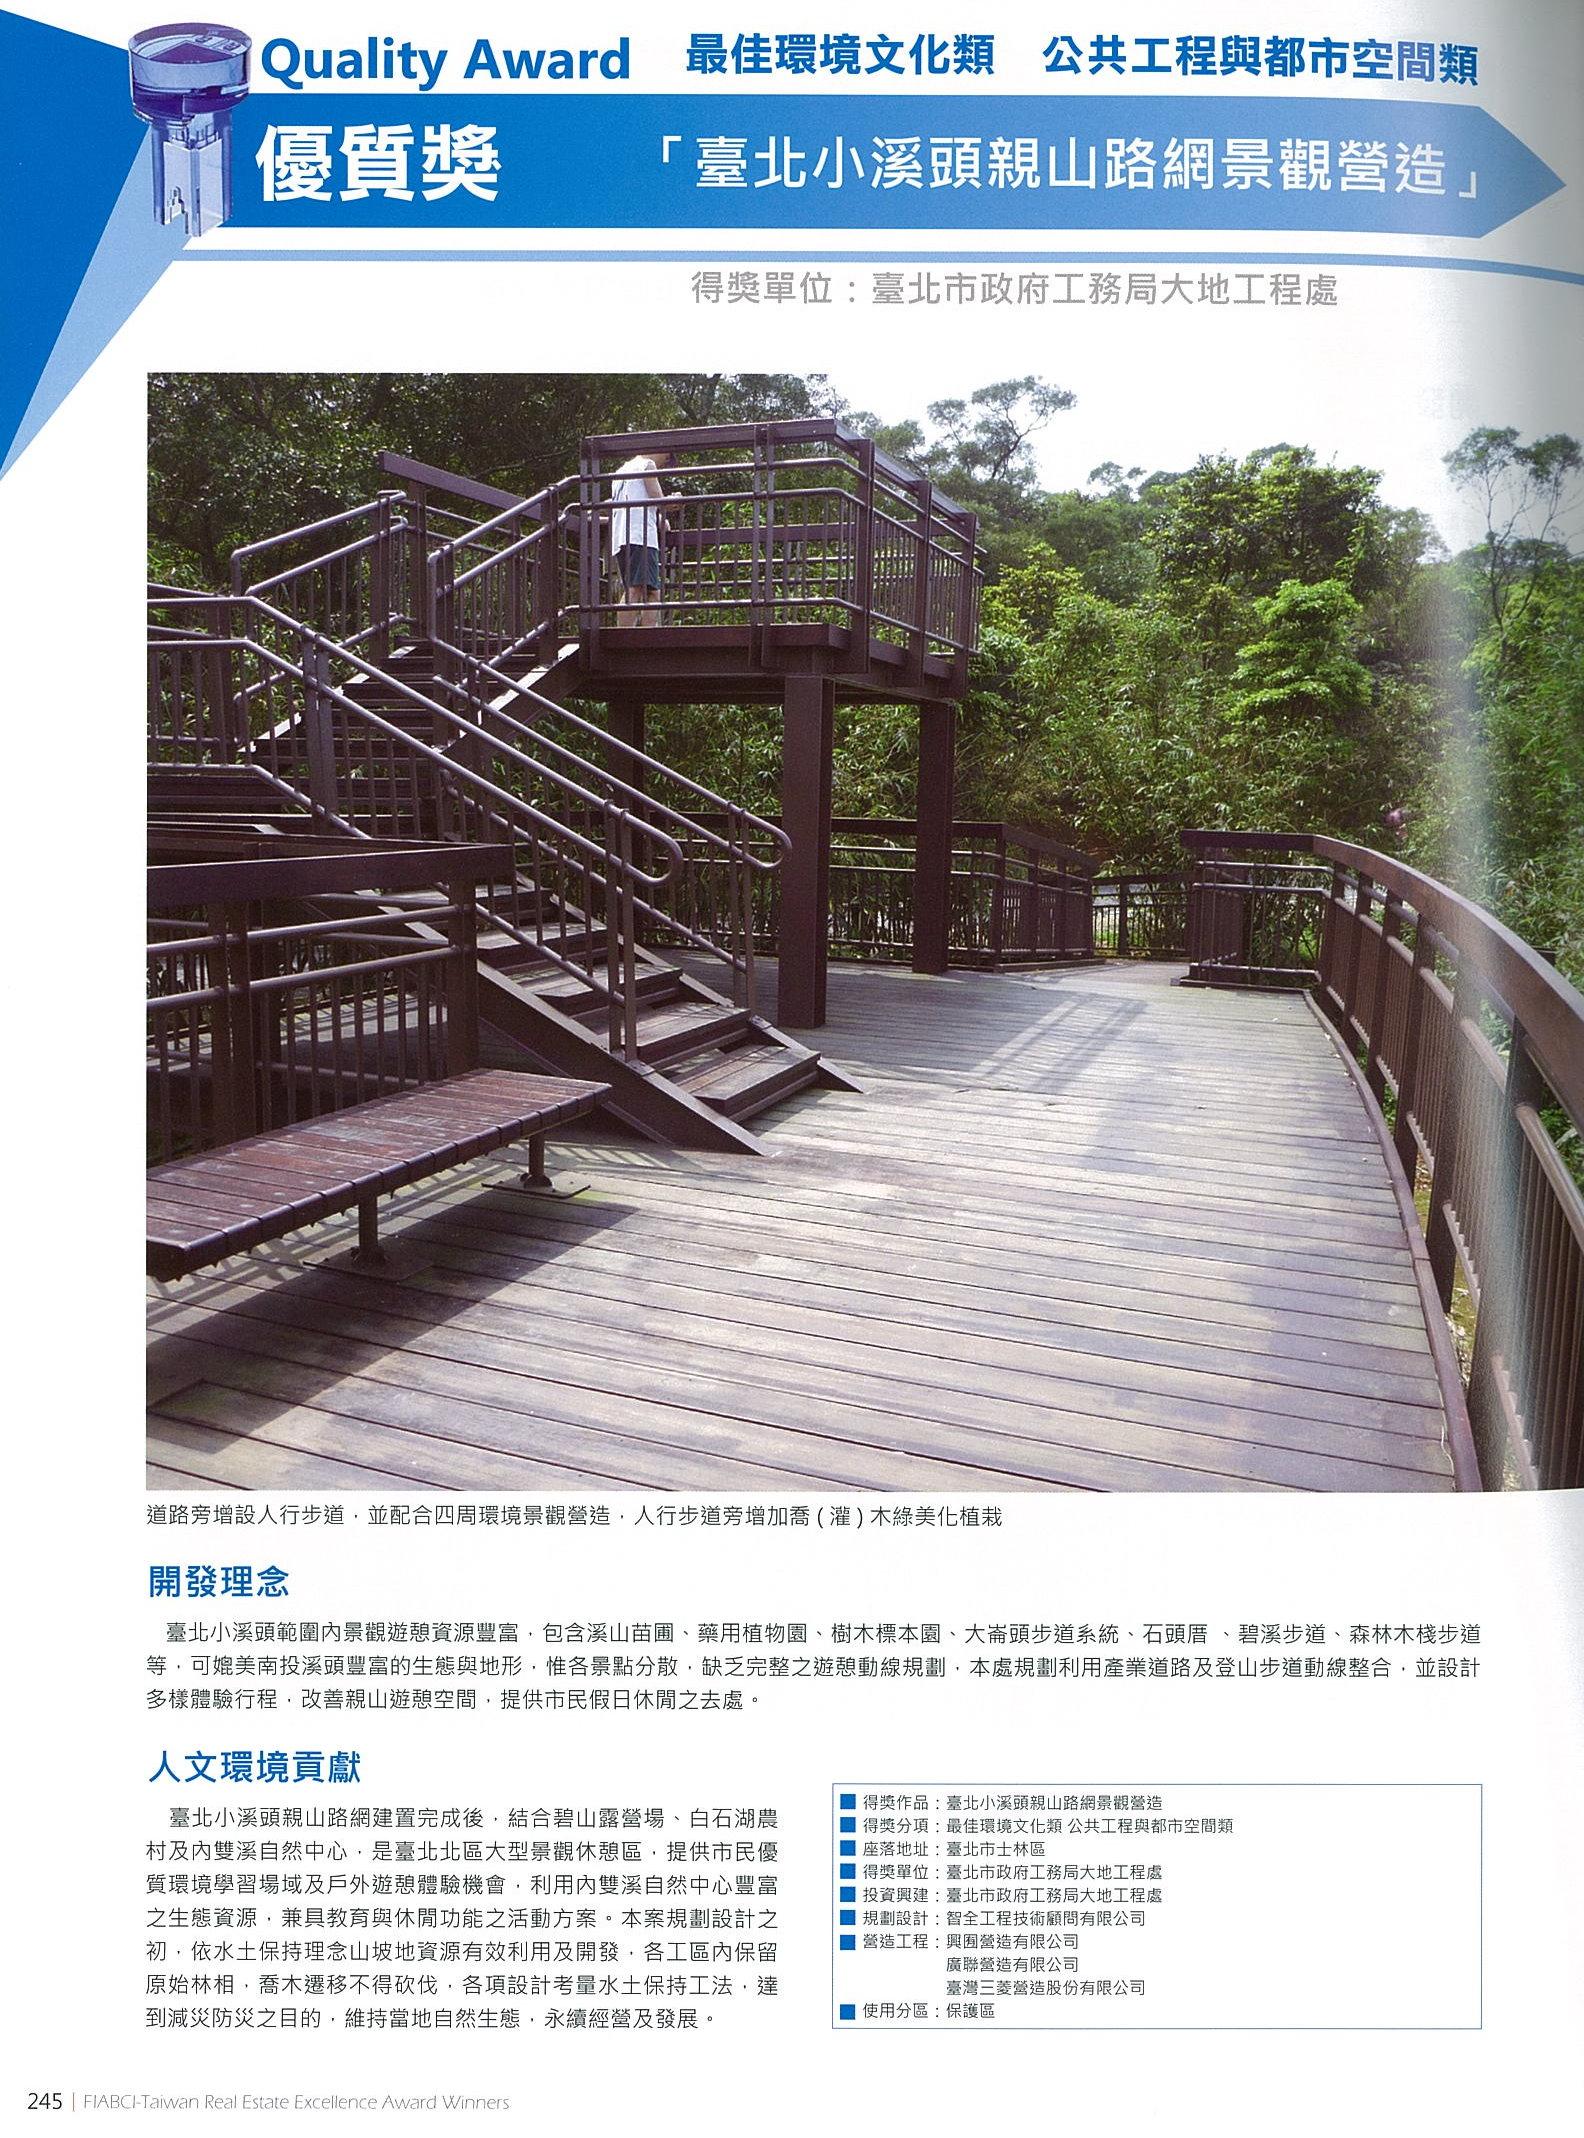 2012國家卓越建設獎-臺北小溪頭